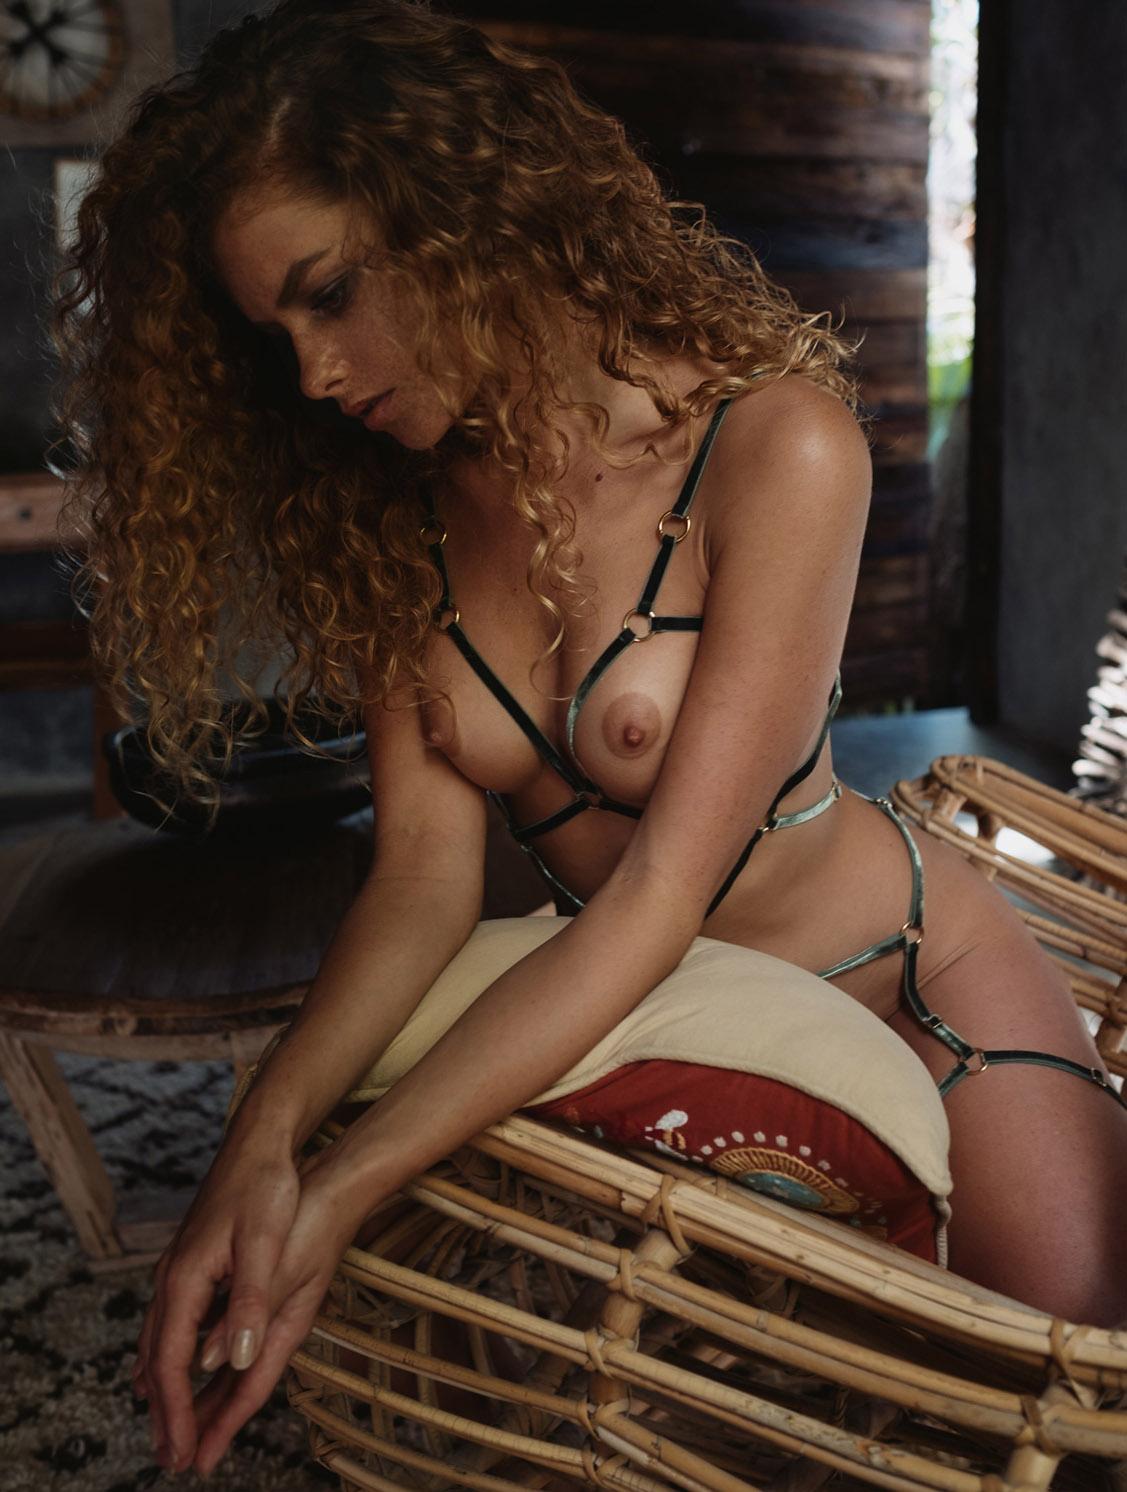 Юлия Ярошенко в сексуальном нижнем белье / фото 08